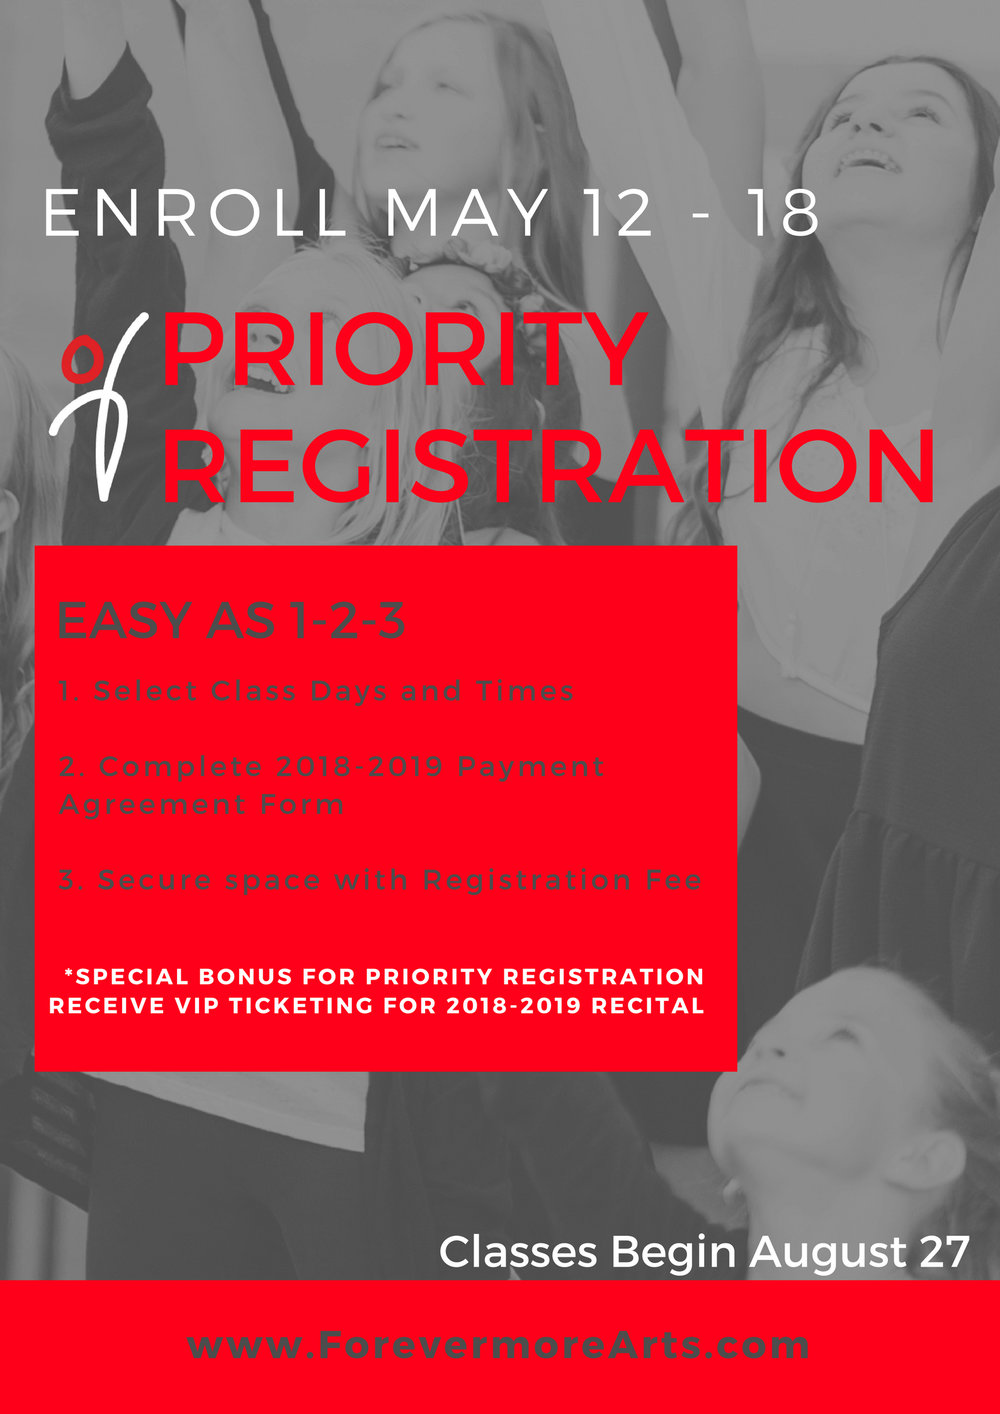 PriorityRegistration (1).jpg